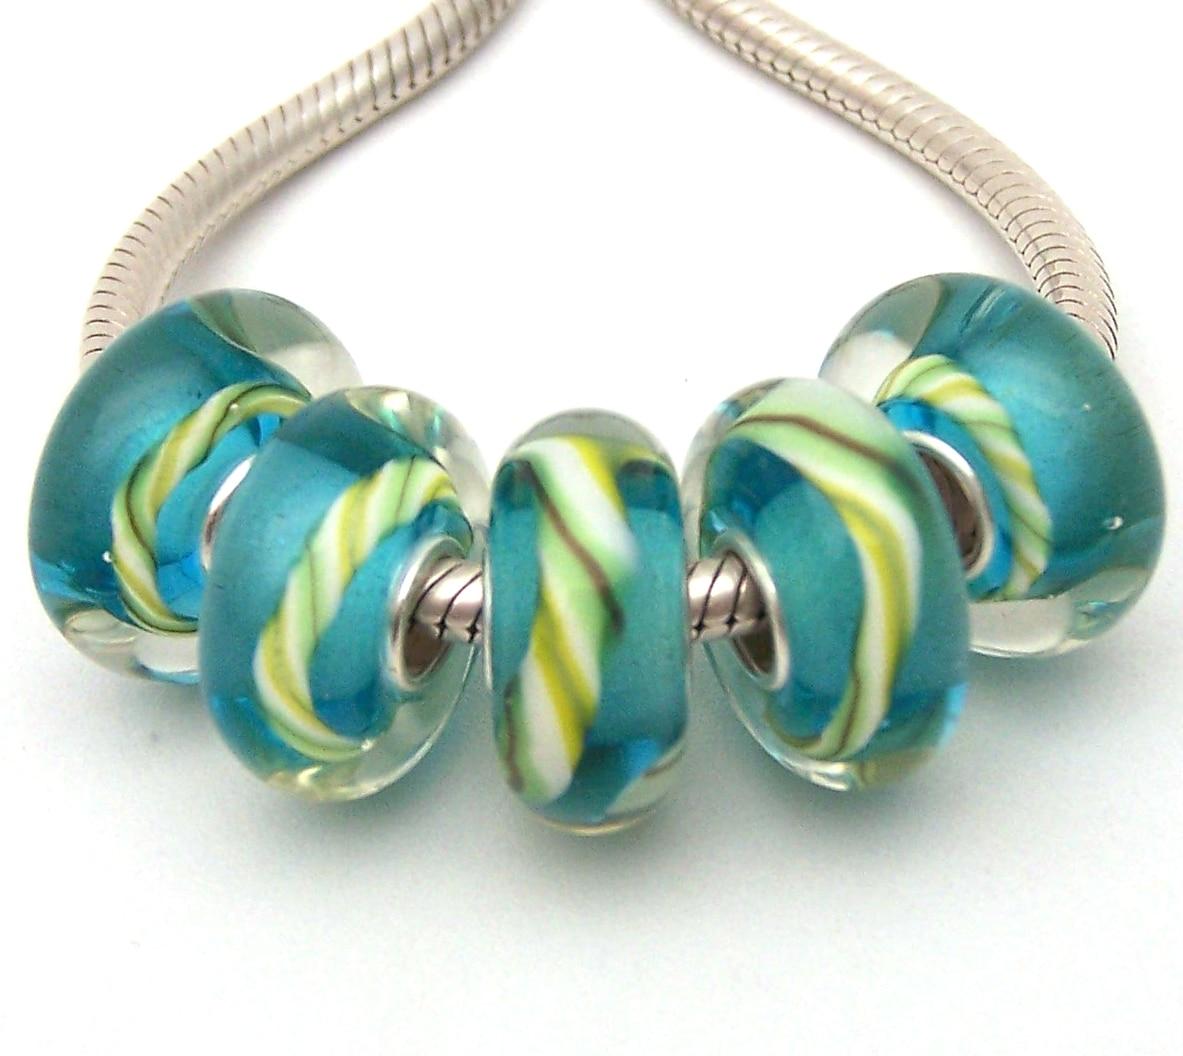 JGWGT 1121 5X100% autenticidad S925 cuentas de plata de ley cuentas de cristal de Murano ajuste europeo encantos pulsera diy joyería de Murano